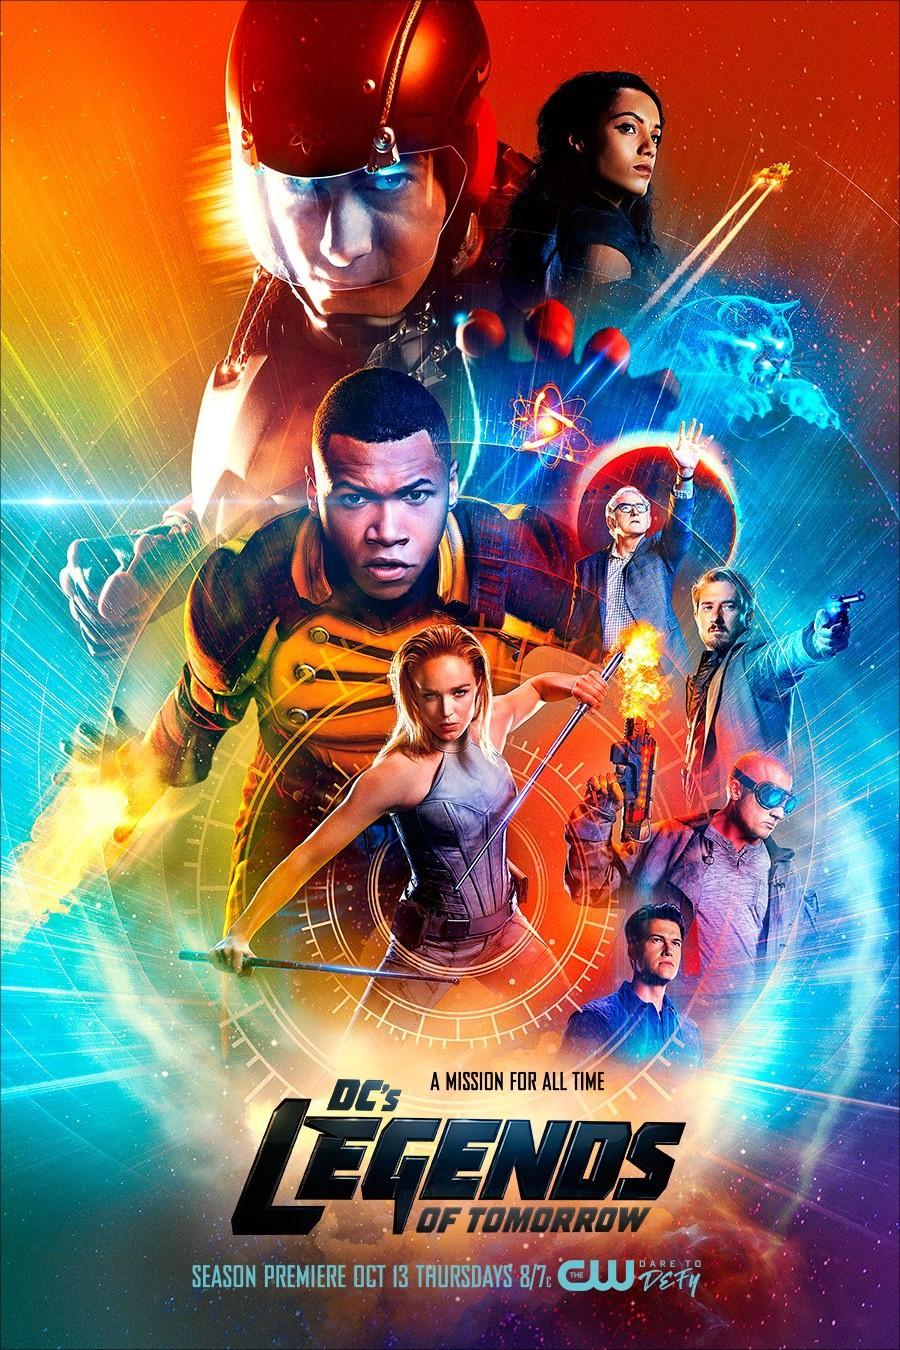 Легенды завтрашнего дня 1-2 сезон 1-17 серия СУБТИТРЫ | DC's Legends of Tomorrow